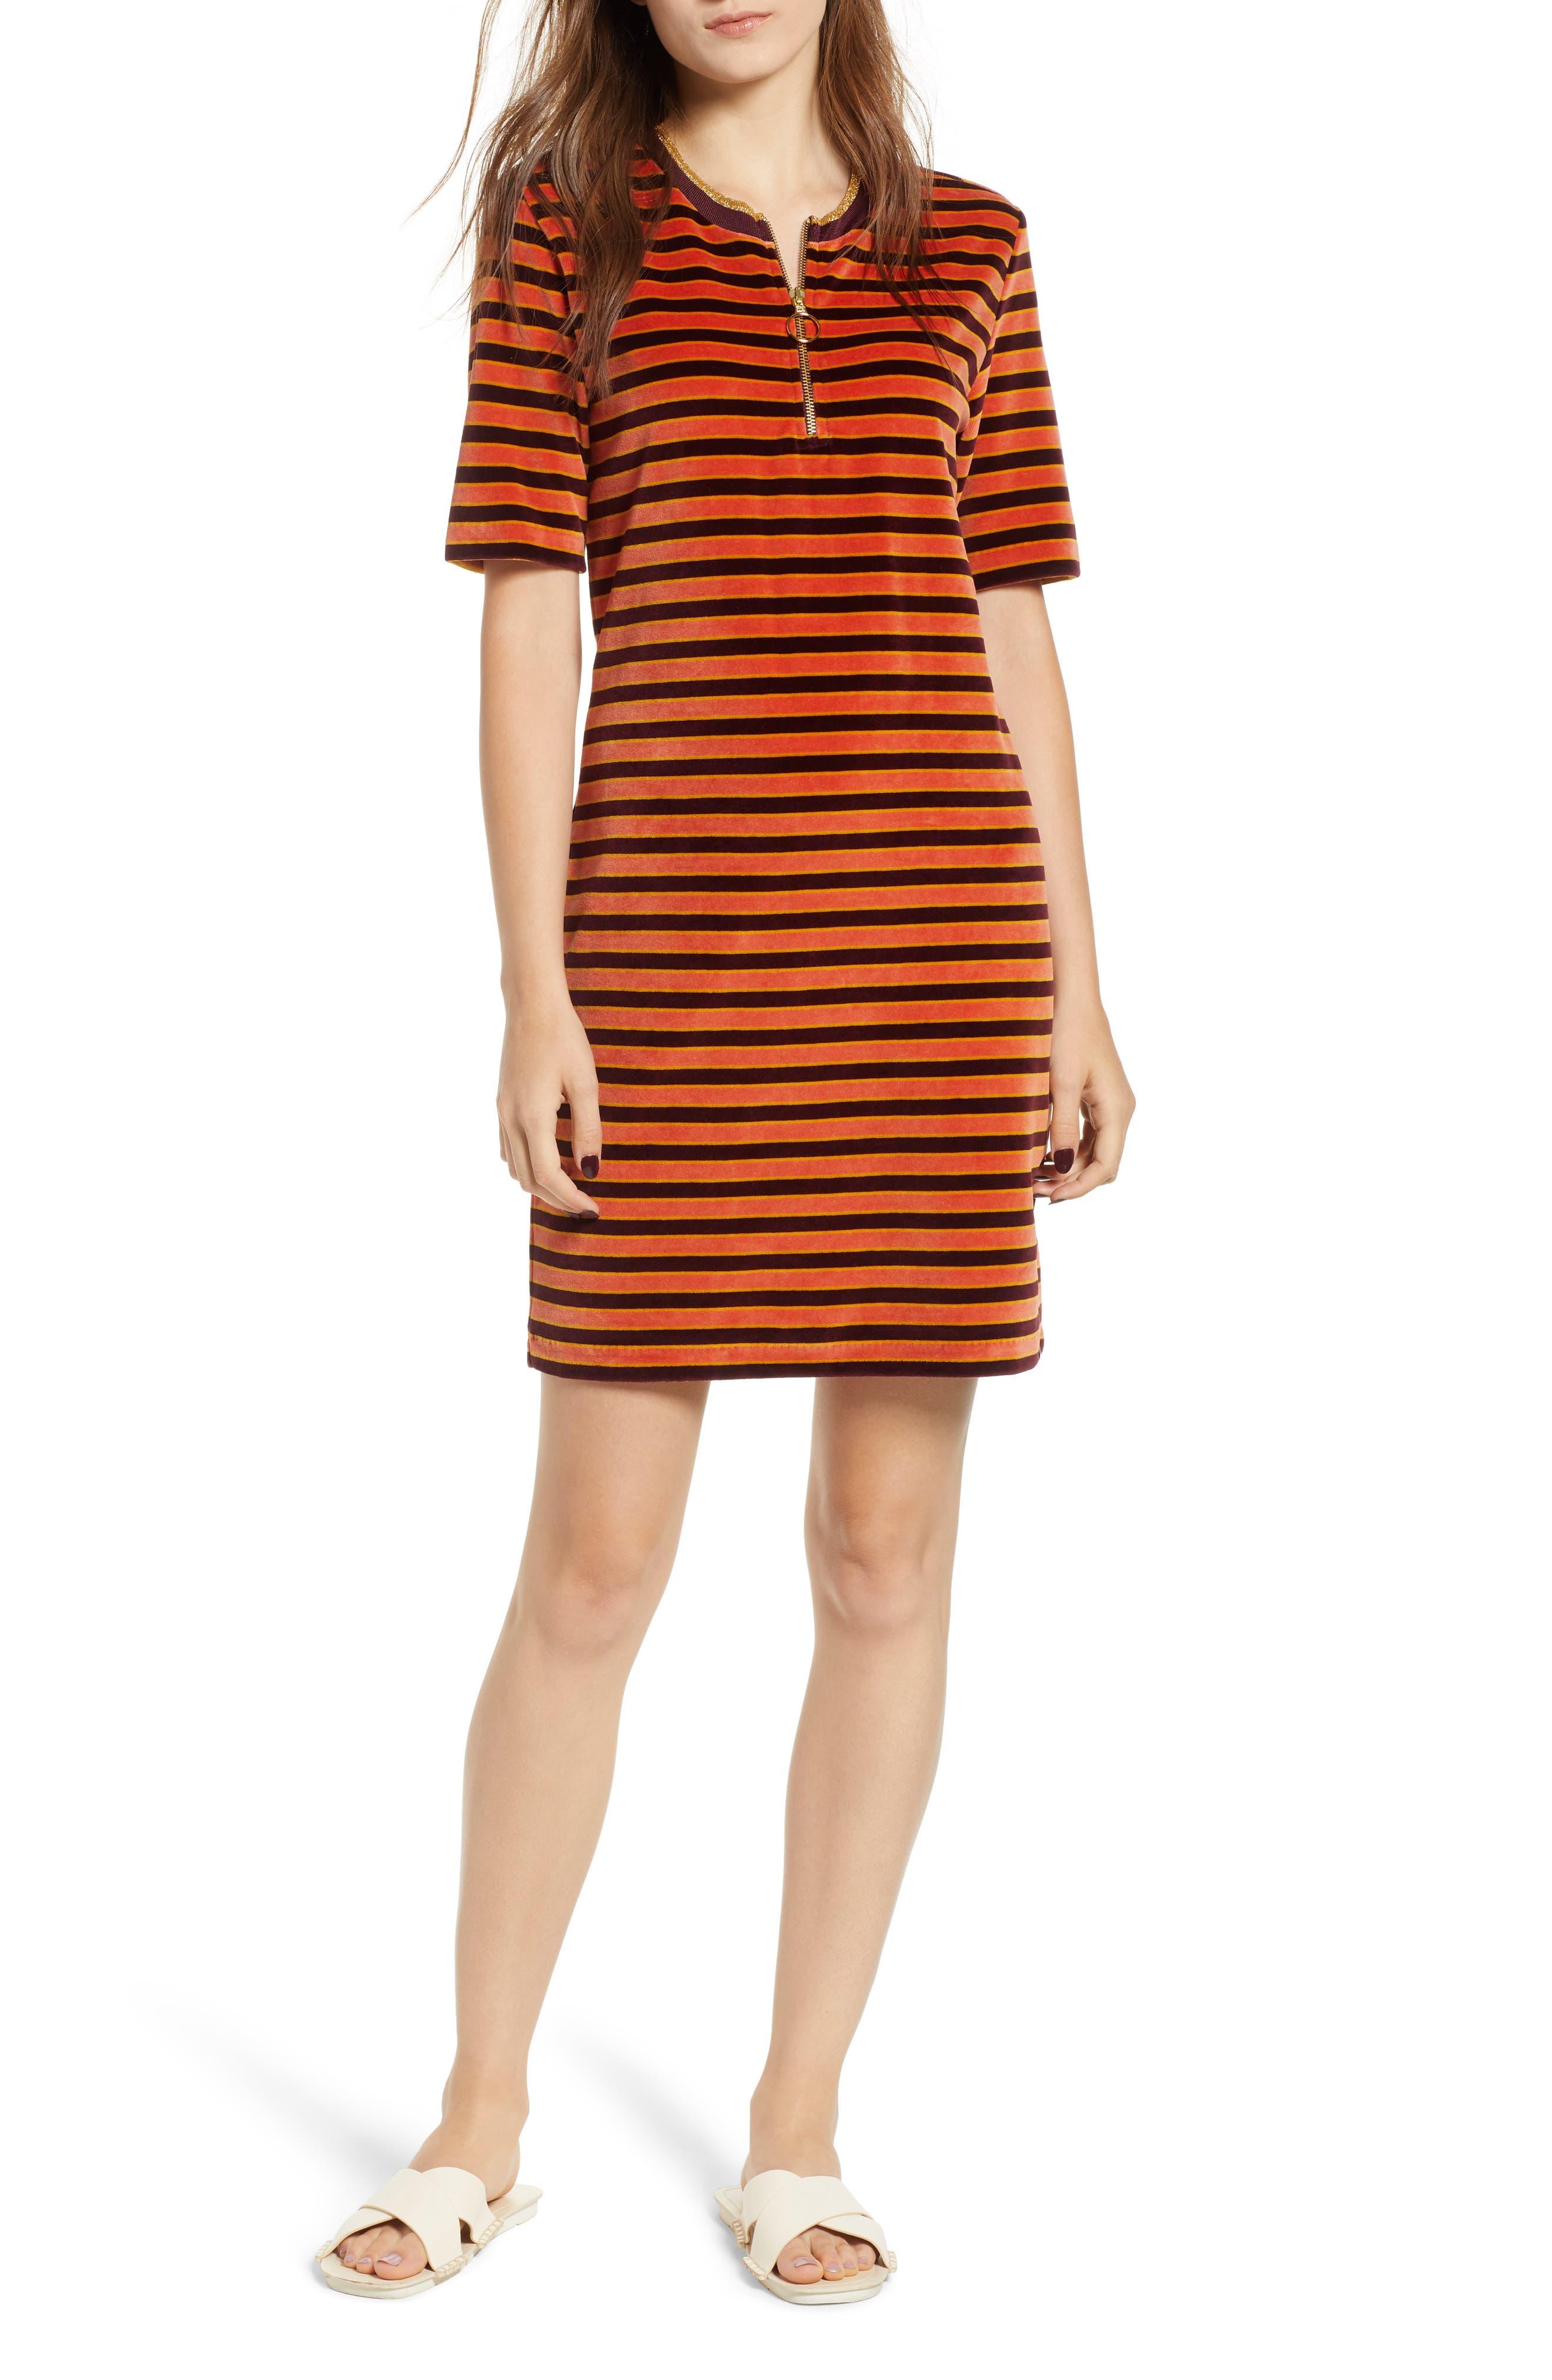 Striped Short Sleeve Velour Dress,                             Main thumbnail 1, color,                             ORANGE BURGUNDY STRIPE